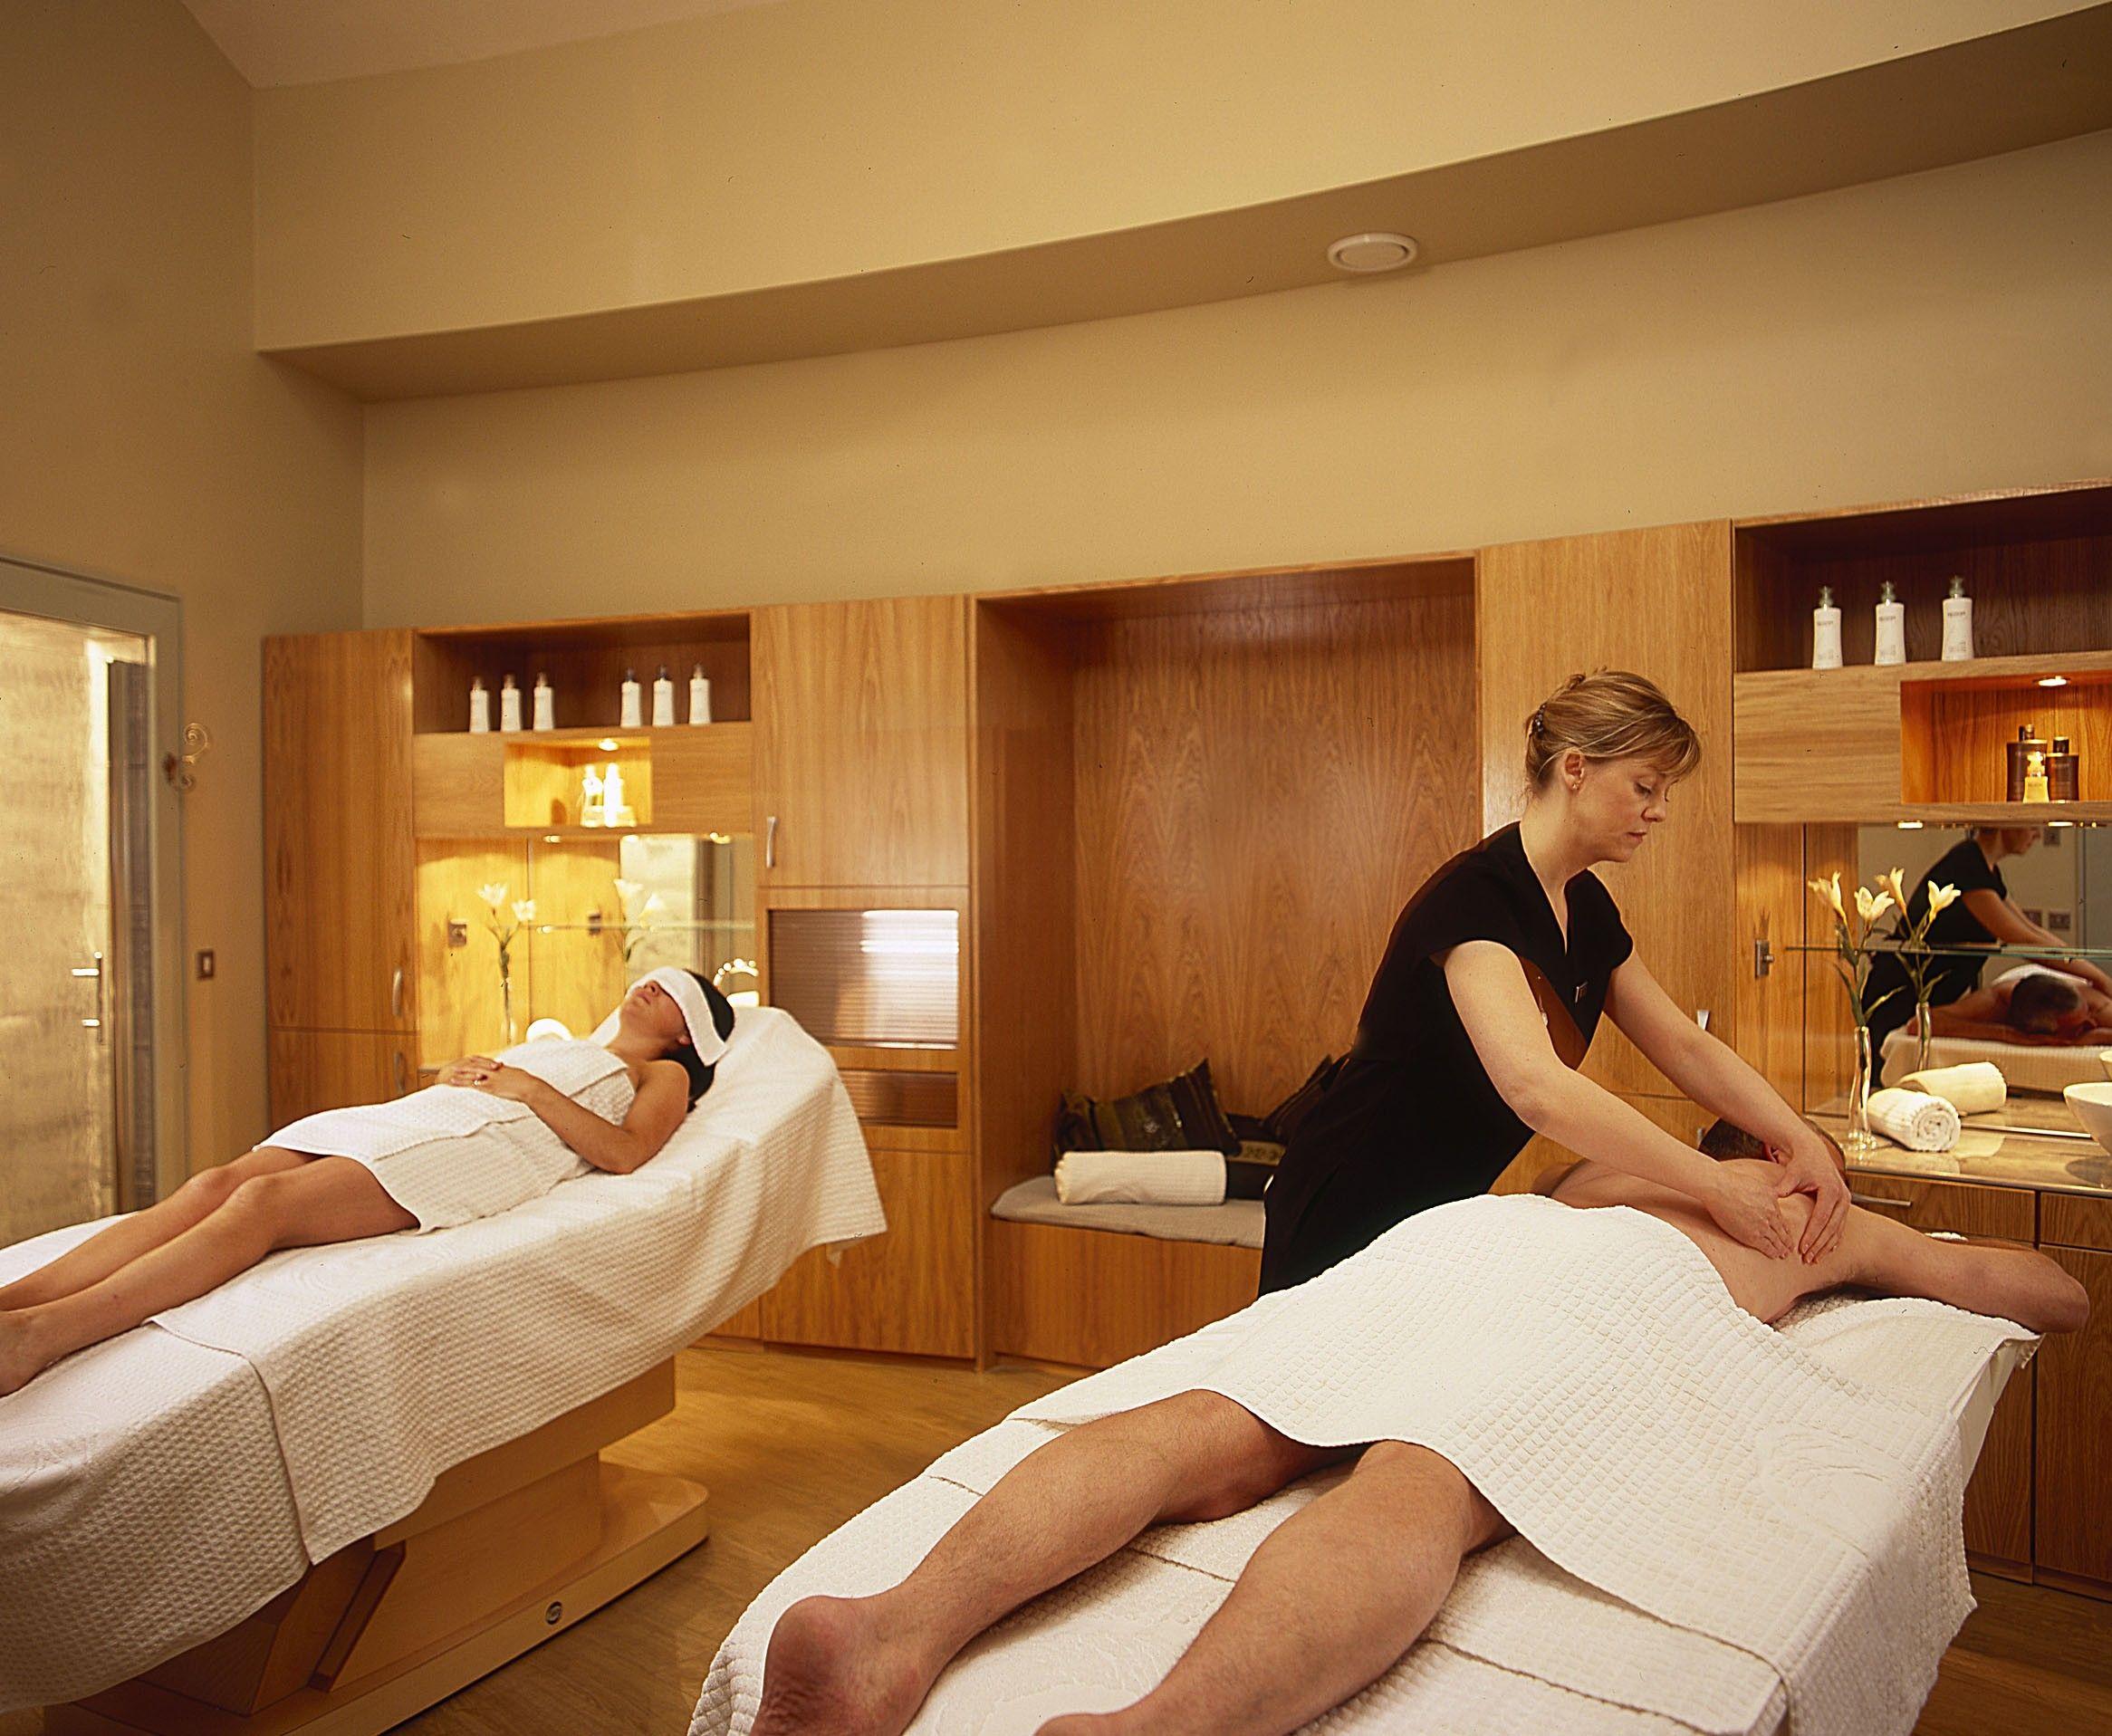 Spa Breaks Ireland Spa Hotels Ireland Spa Breaks Monart Spa Spa Breaks Destination Spa Relax Spa